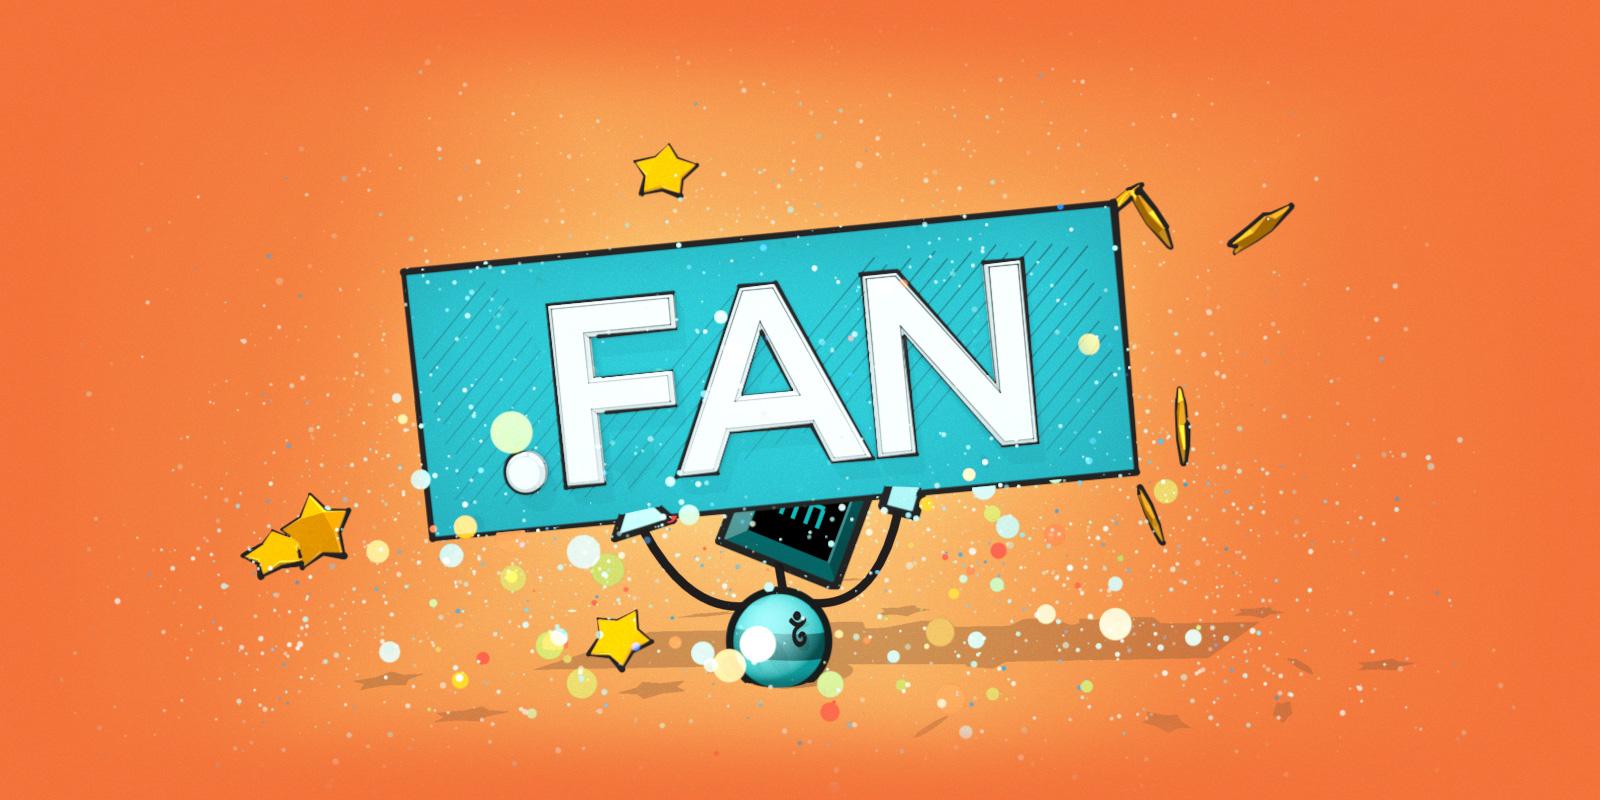 .FAN ドメインでファンページ、ファンクラブのウェブサイトを作りませんか?